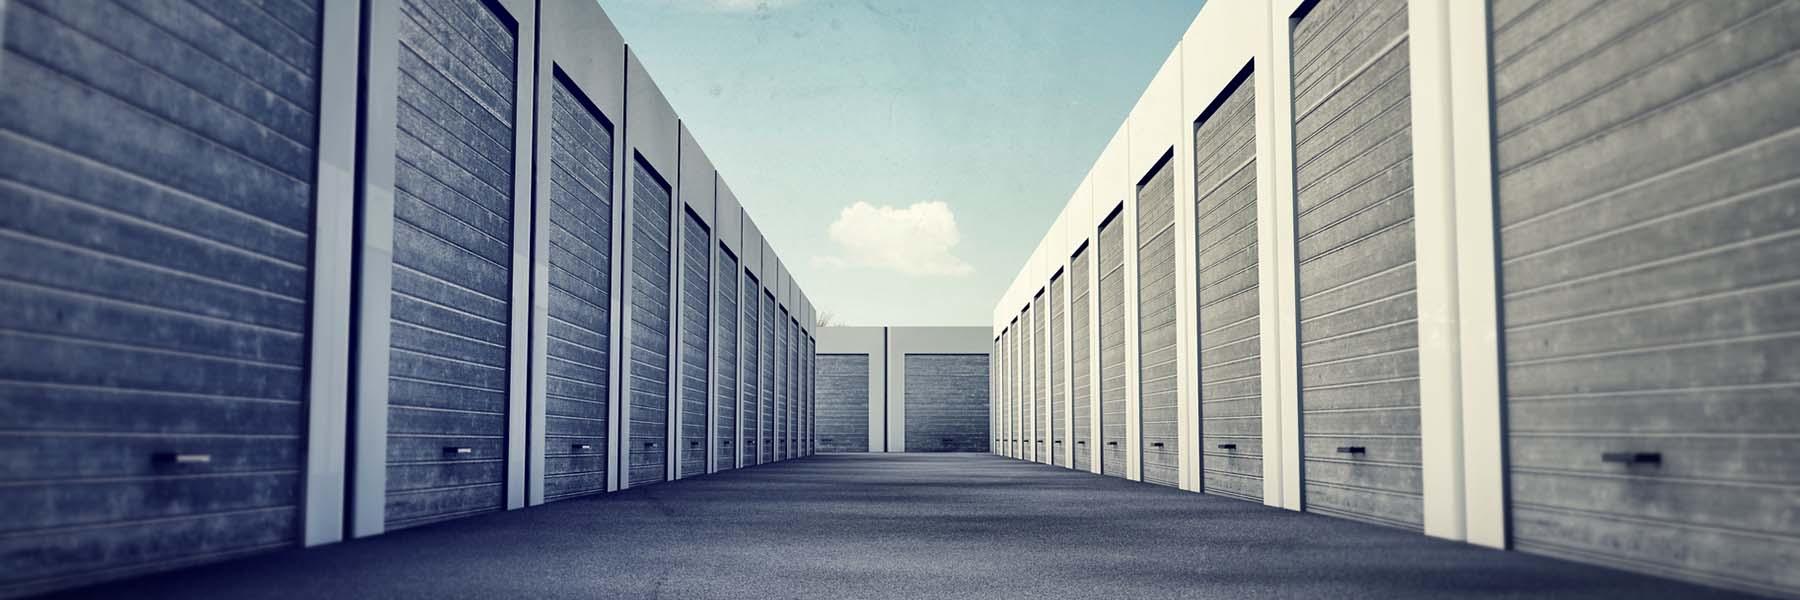 Storage-Services-Belfast.jpg